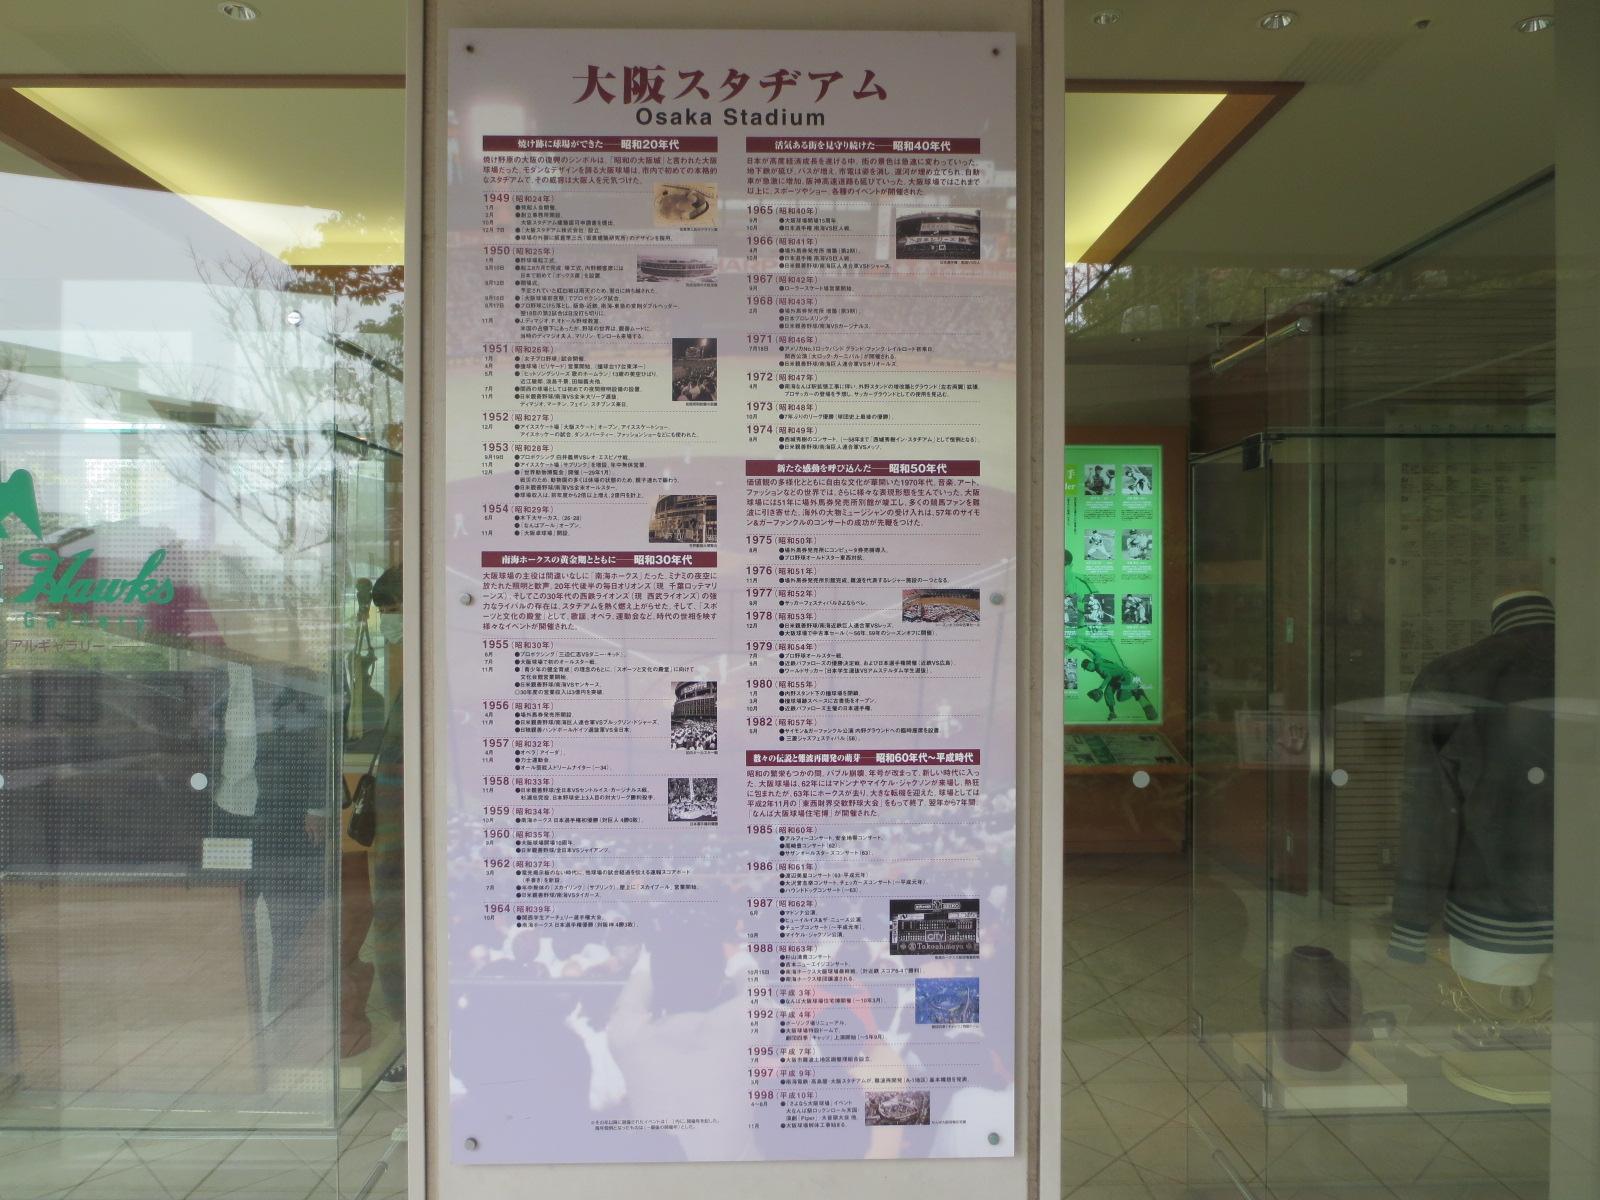 なんばパークス:大阪スタヂアム